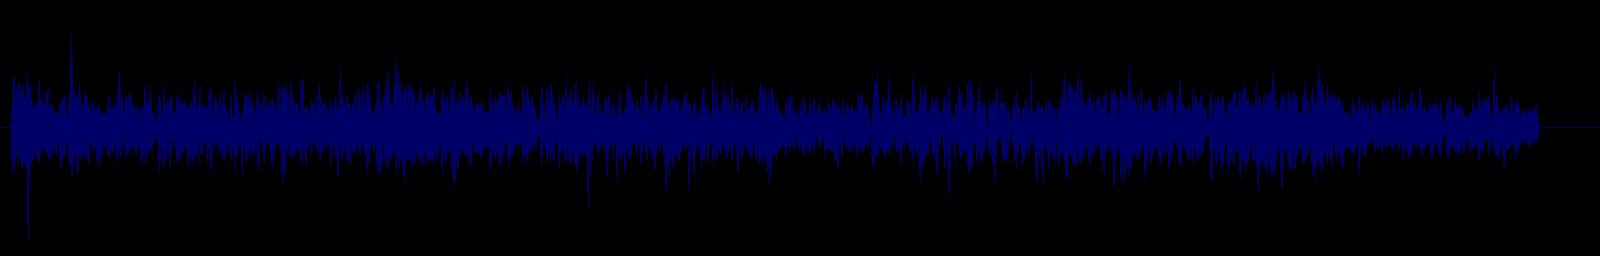 waveform of track #124549